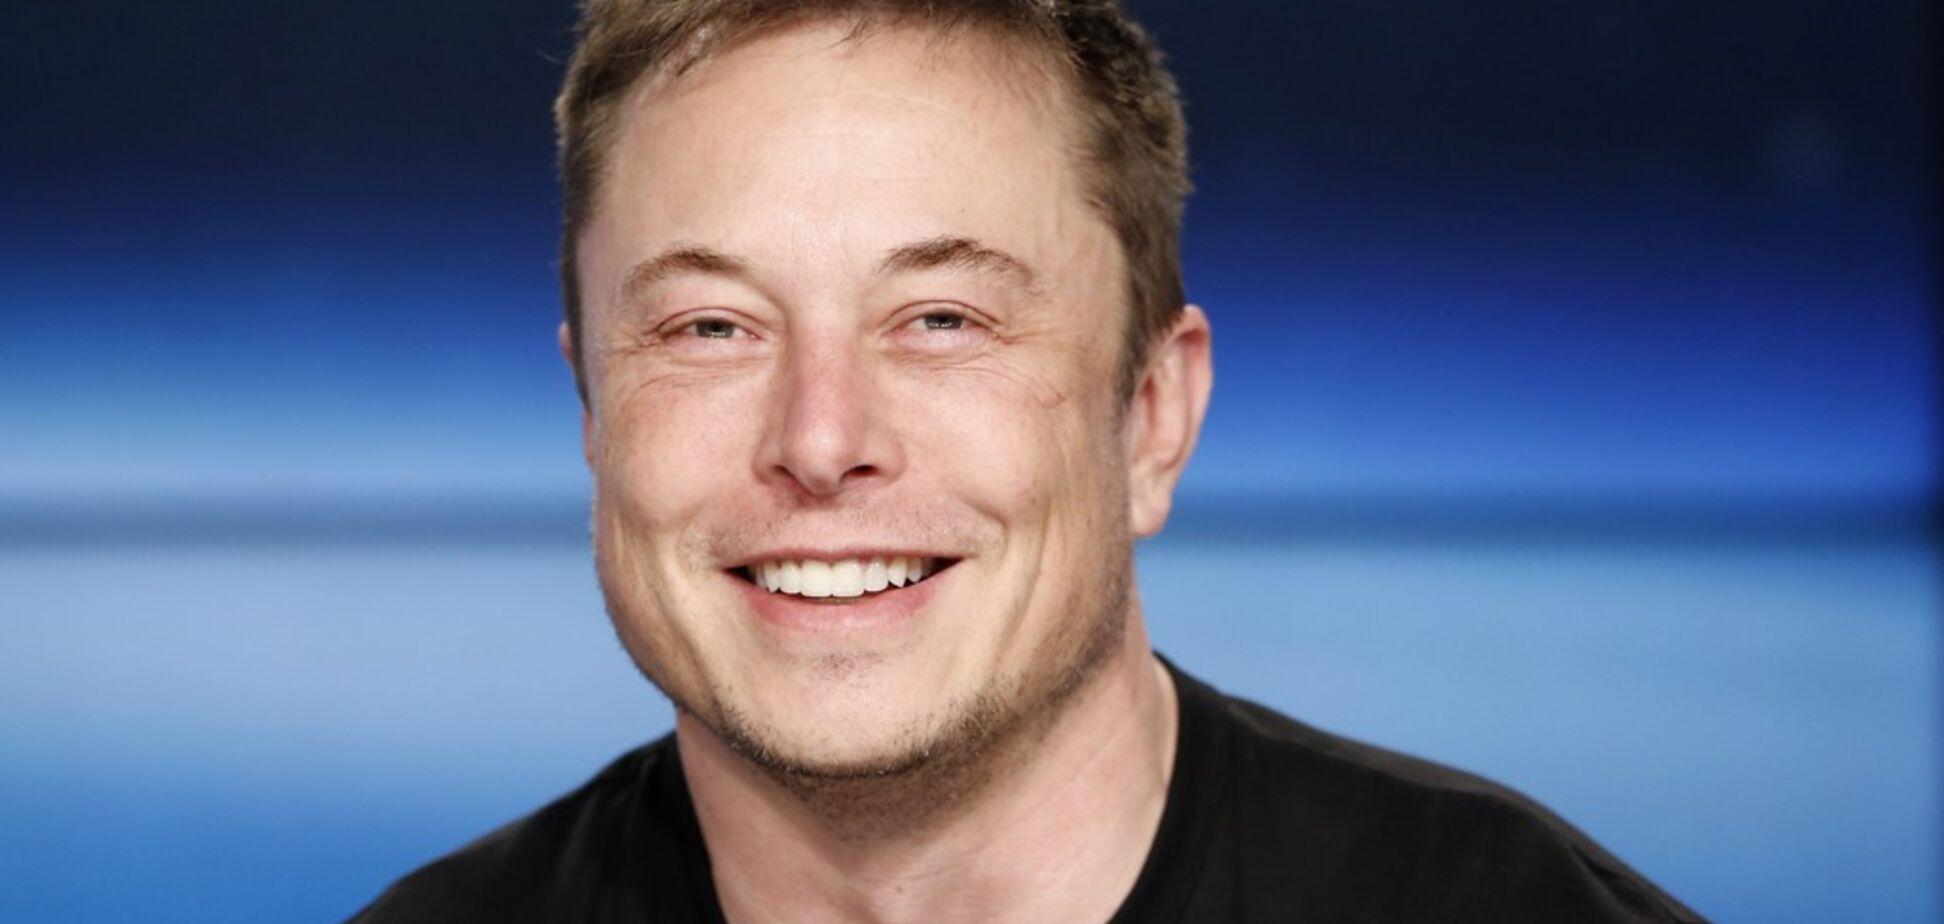 Илон Маск — хорошо замаскированный ''Стратег''